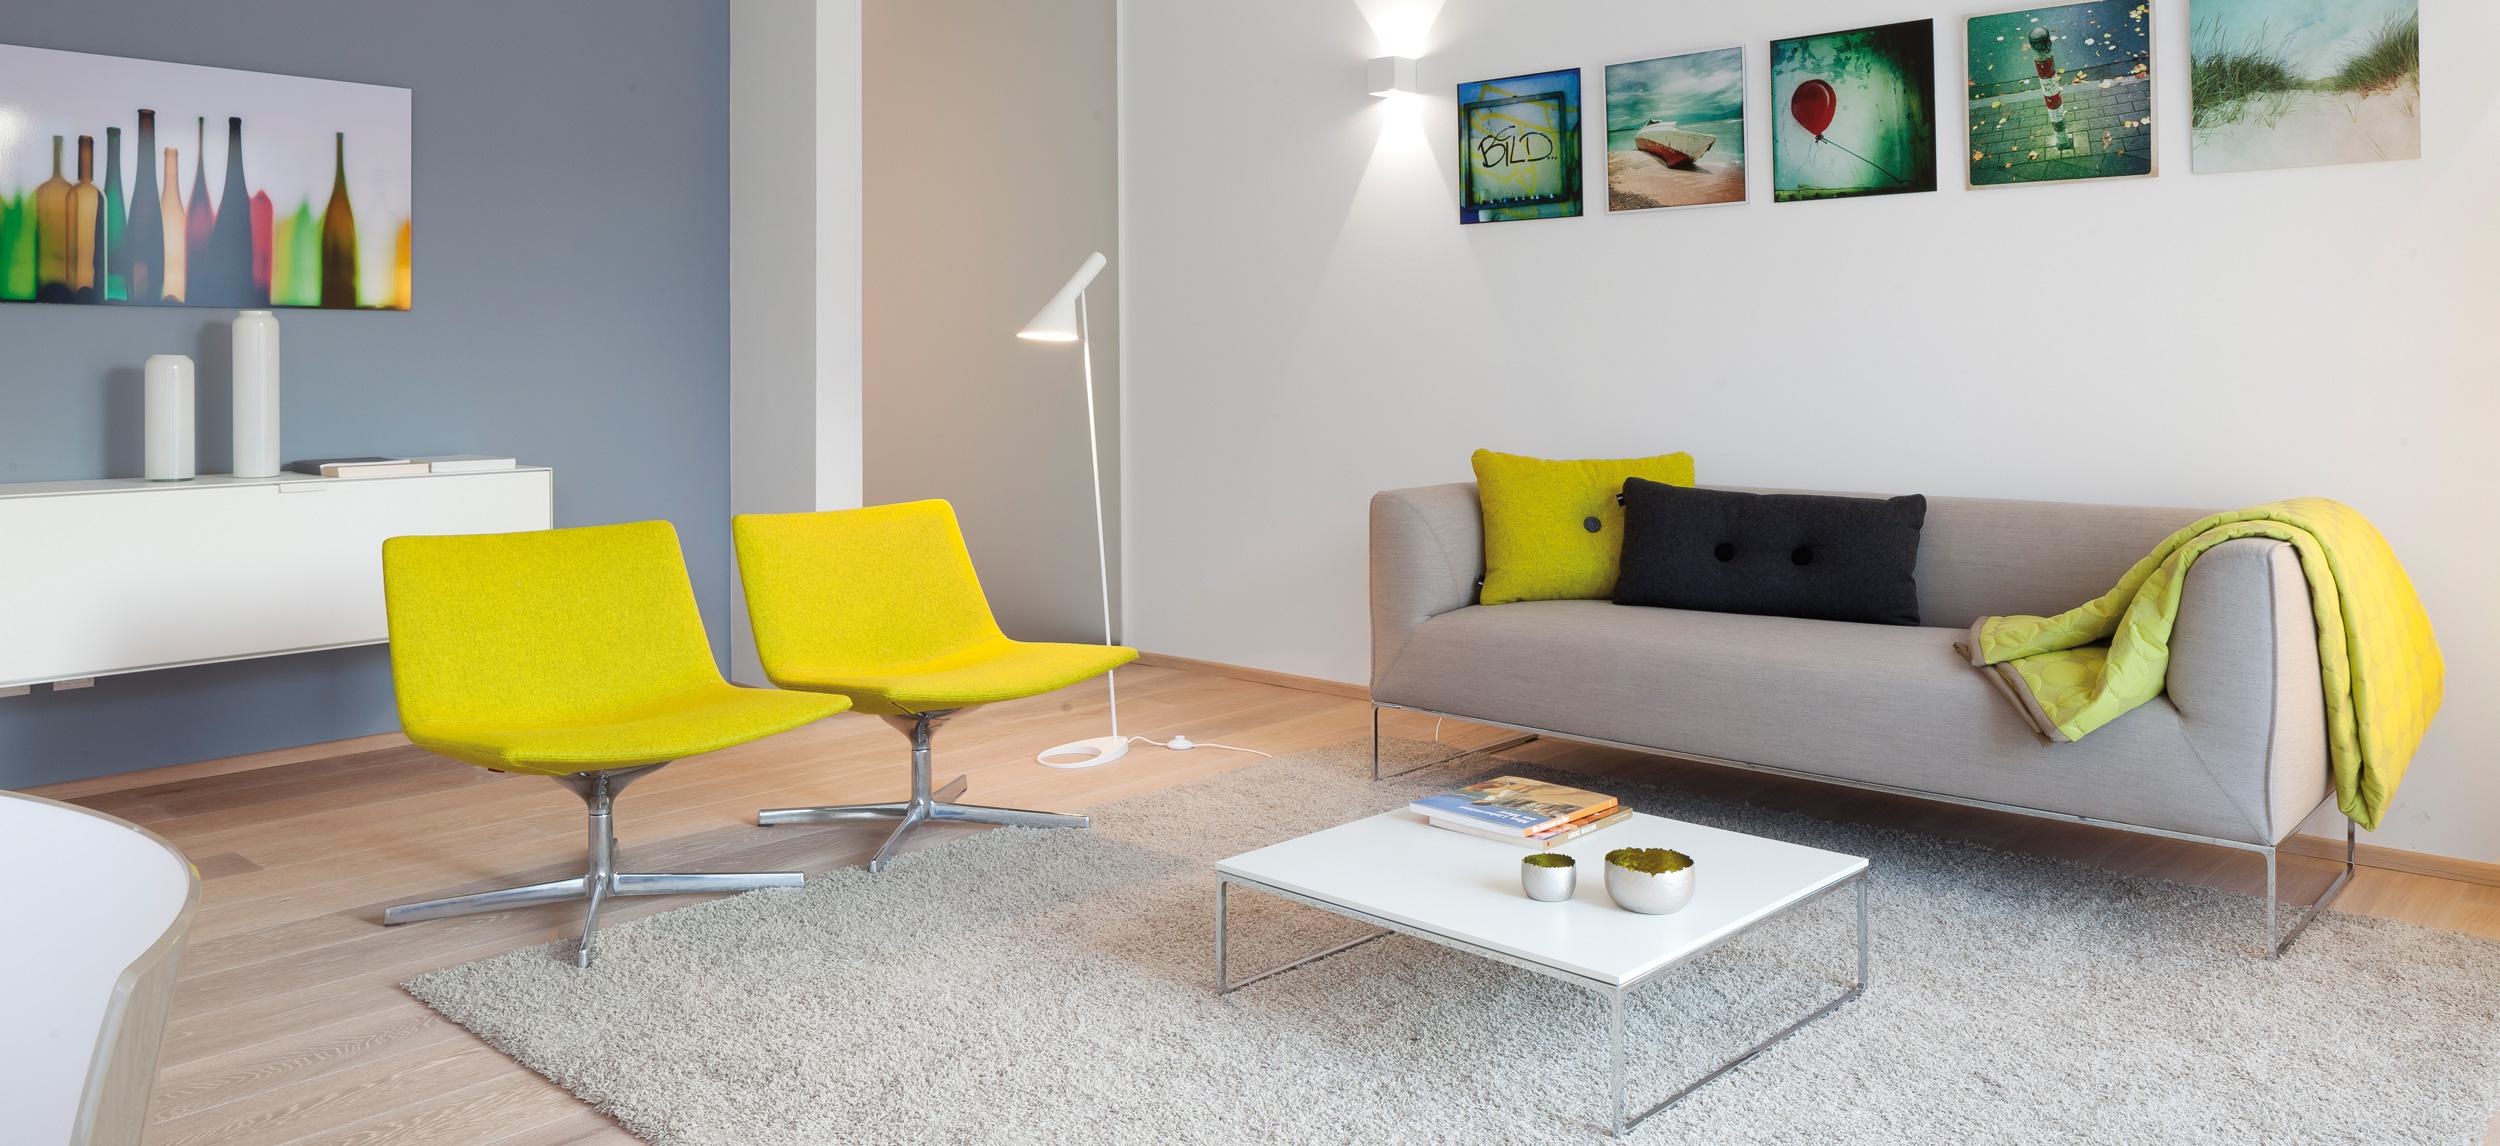 Wohnzimmer | Wohnen | Themen | Stoll Online Shop